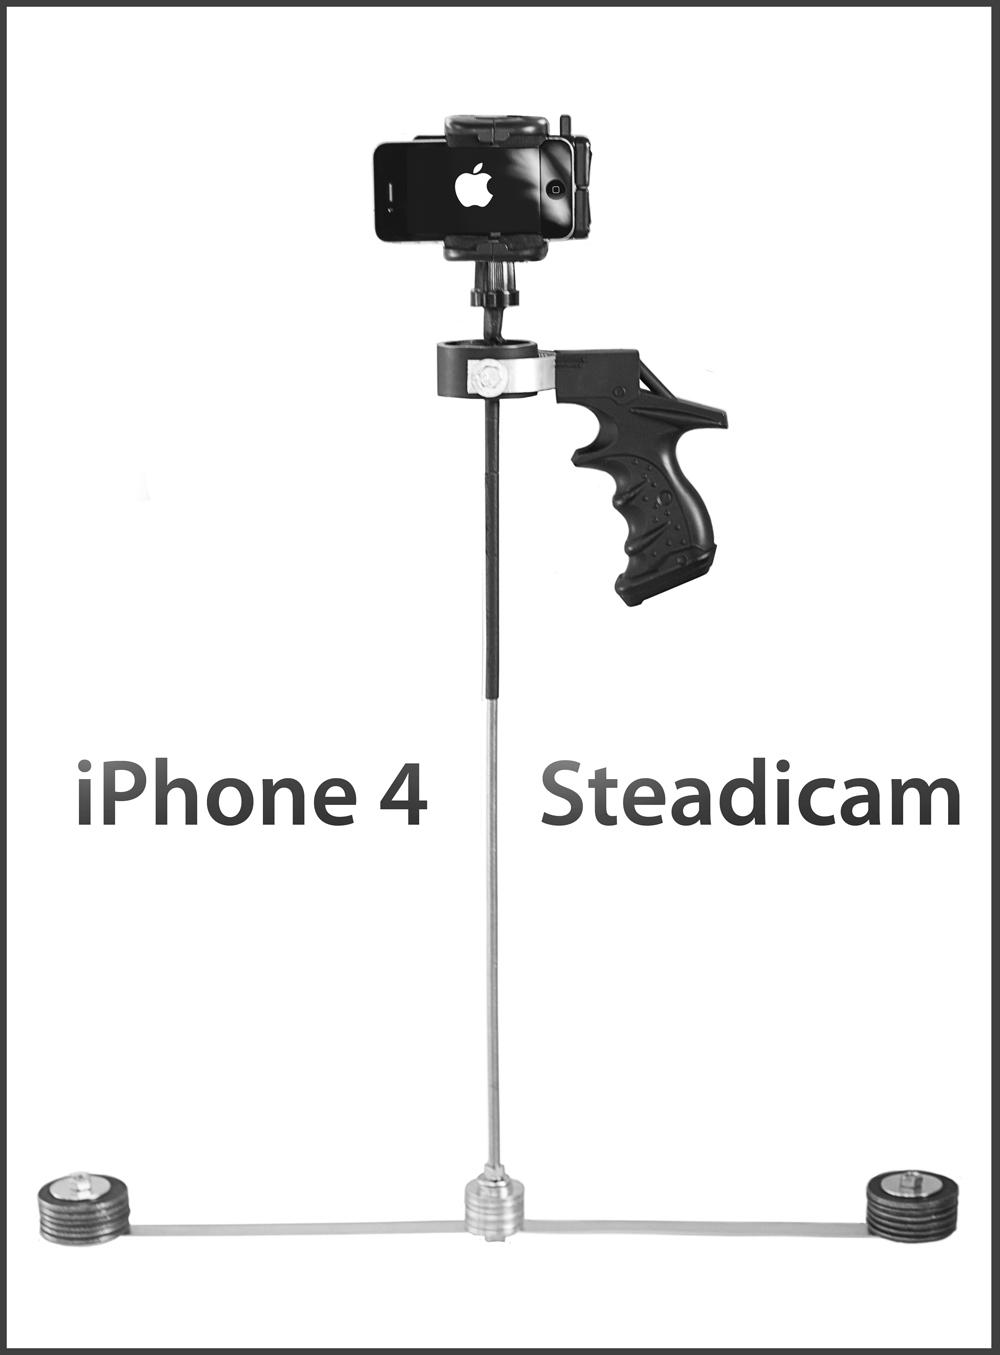 iPhone 4 - Steadicam